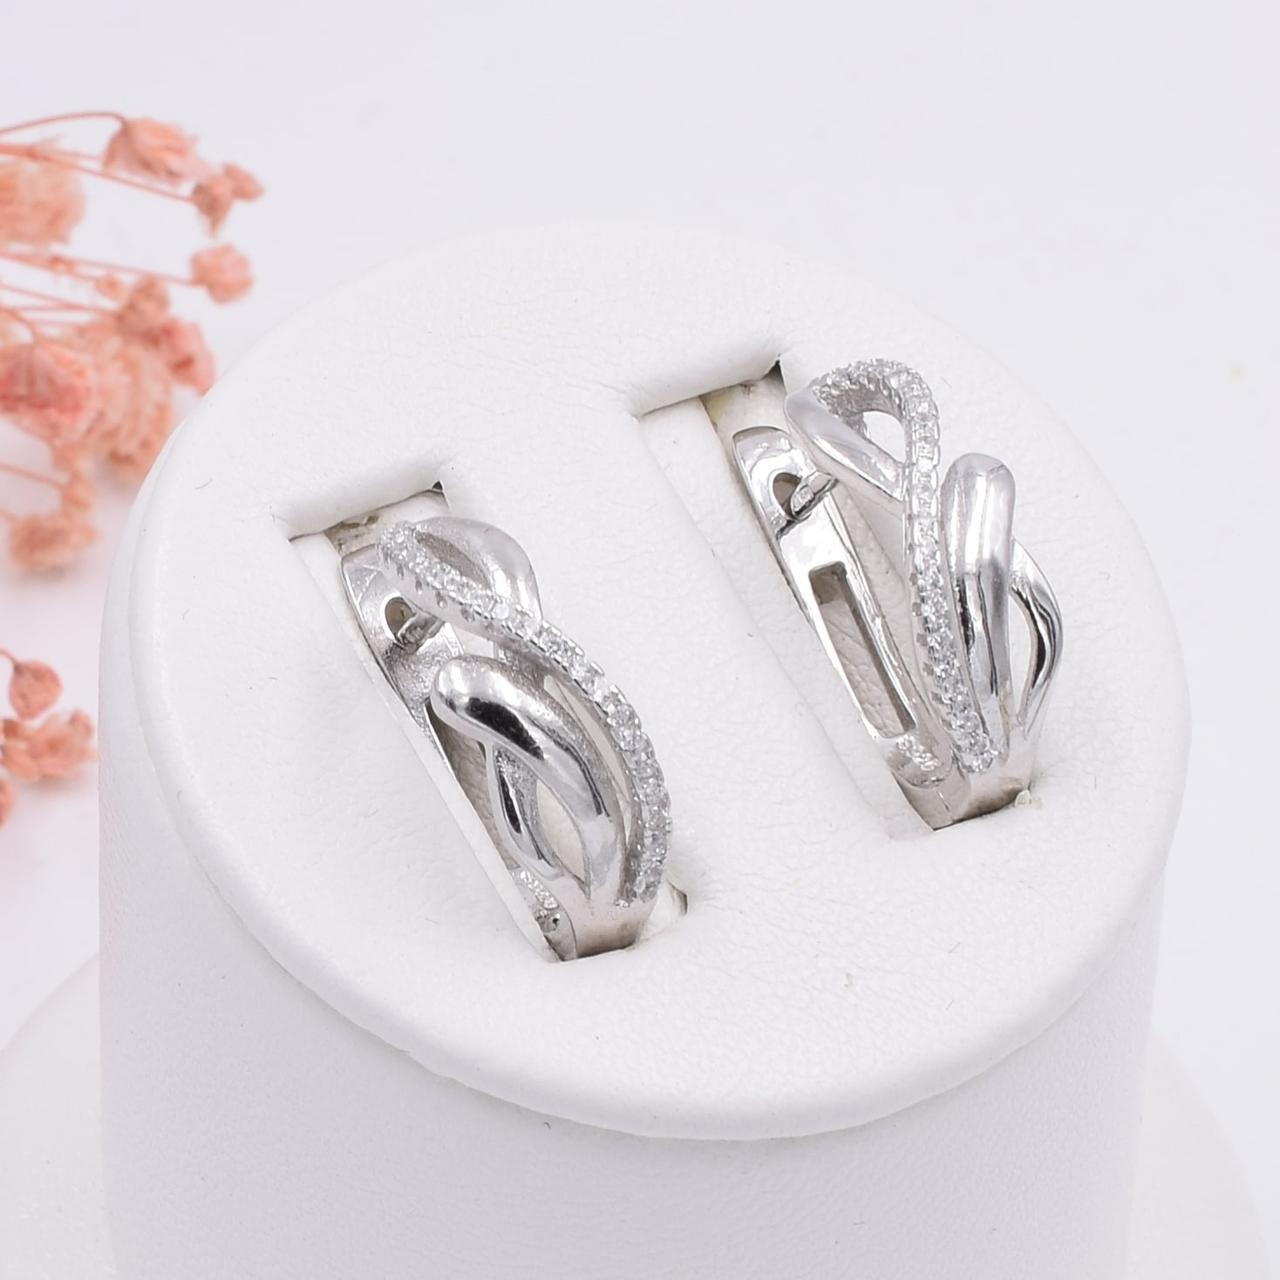 Серебряные серьги размер 18х6 мм вставка белые фианиты вес 3.8 г